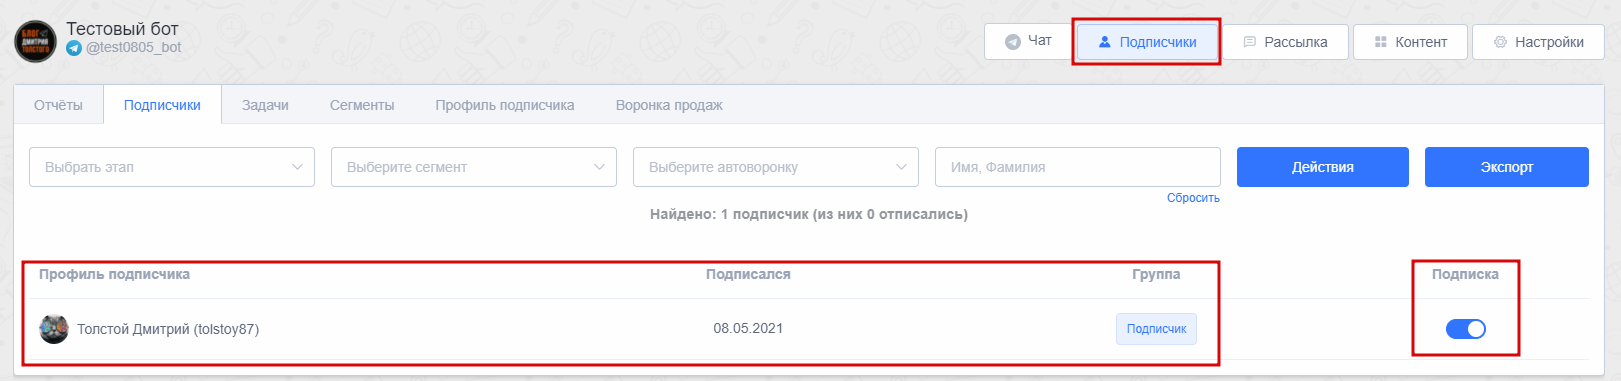 С помощью платформы WinWinBot возможно узнать более подробную информацию о подписчиках